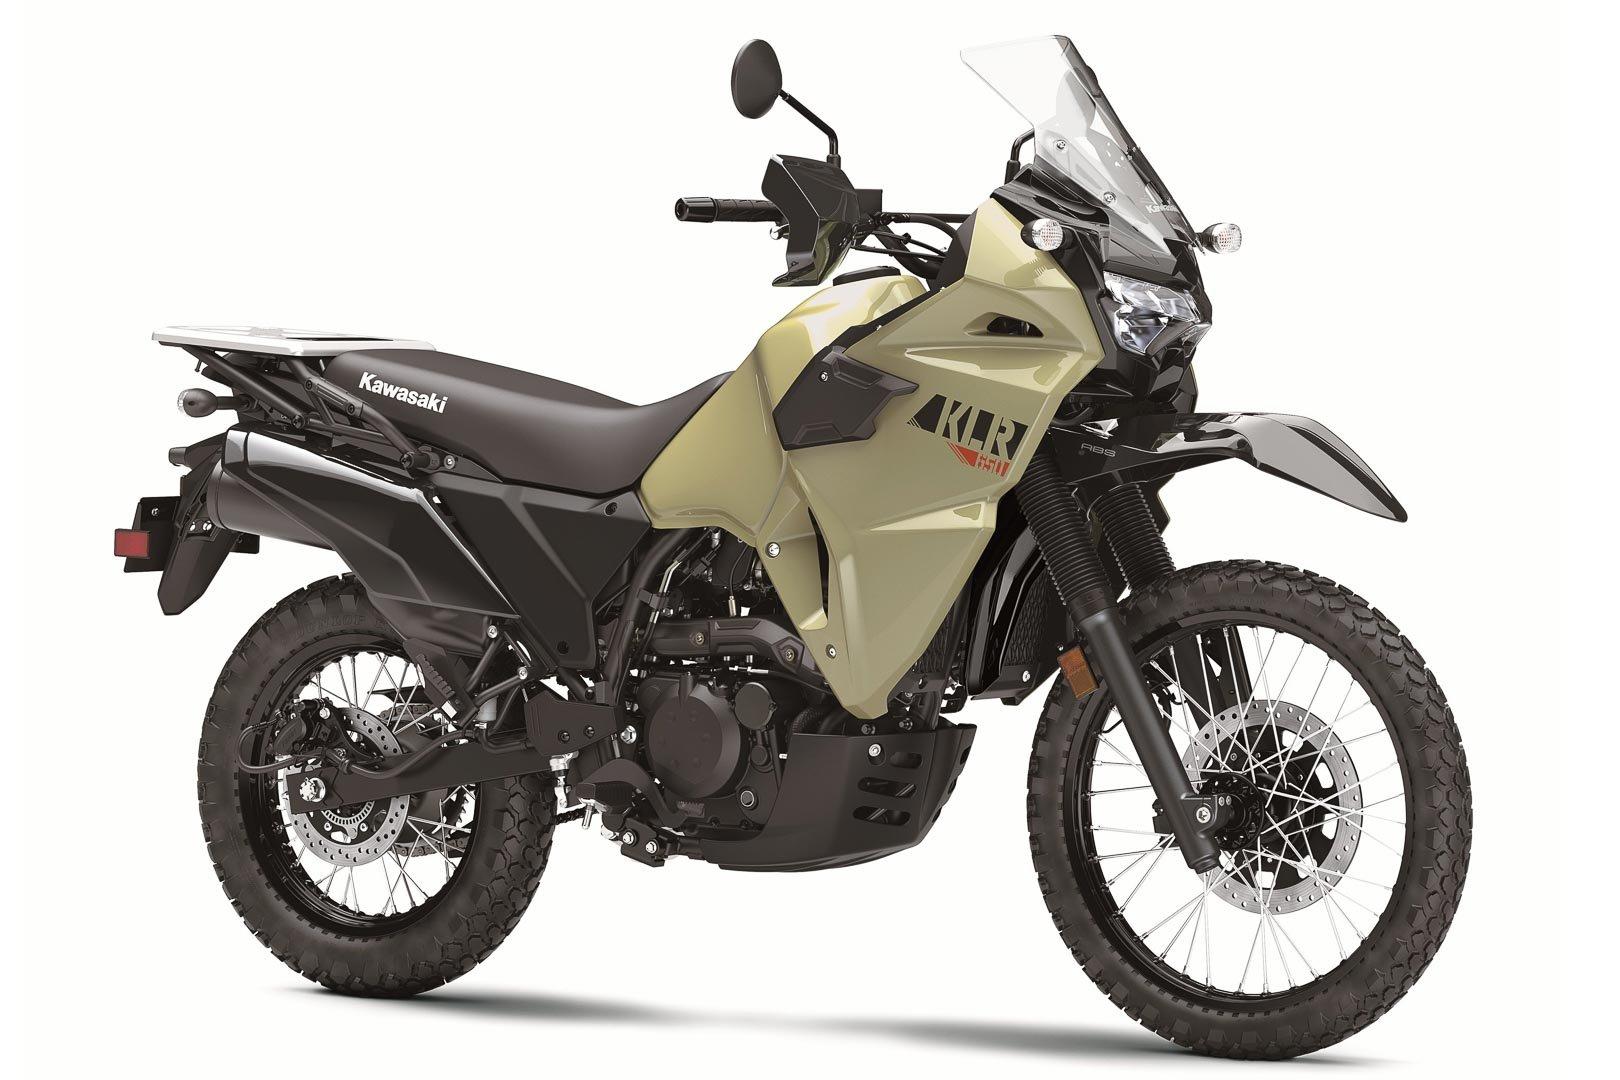 2022 Kawasaki KLR650 First Look (14 Fast Facts)